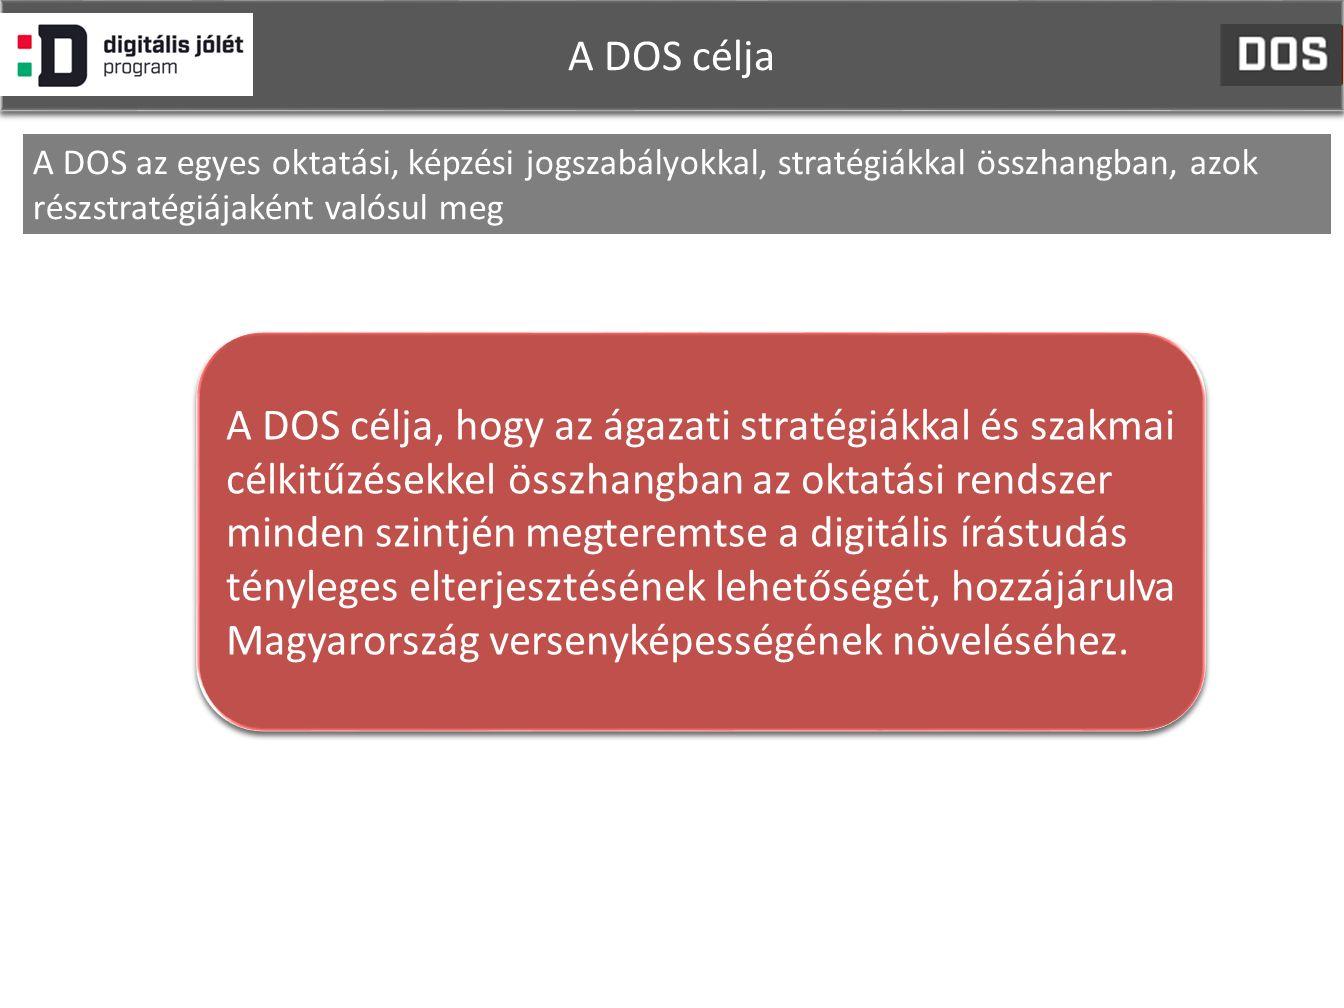 A DOS célja A DOS az egyes oktatási, képzési jogszabályokkal, stratégiákkal összhangban, azok részstratégiájaként valósul meg A DOS célja, hogy az ágazati stratégiákkal és szakmai célkitűzésekkel összhangban az oktatási rendszer minden szintjén megteremtse a digitális írástudás tényleges elterjesztésének lehetőségét, hozzájárulva Magyarország versenyképességének növeléséhez.